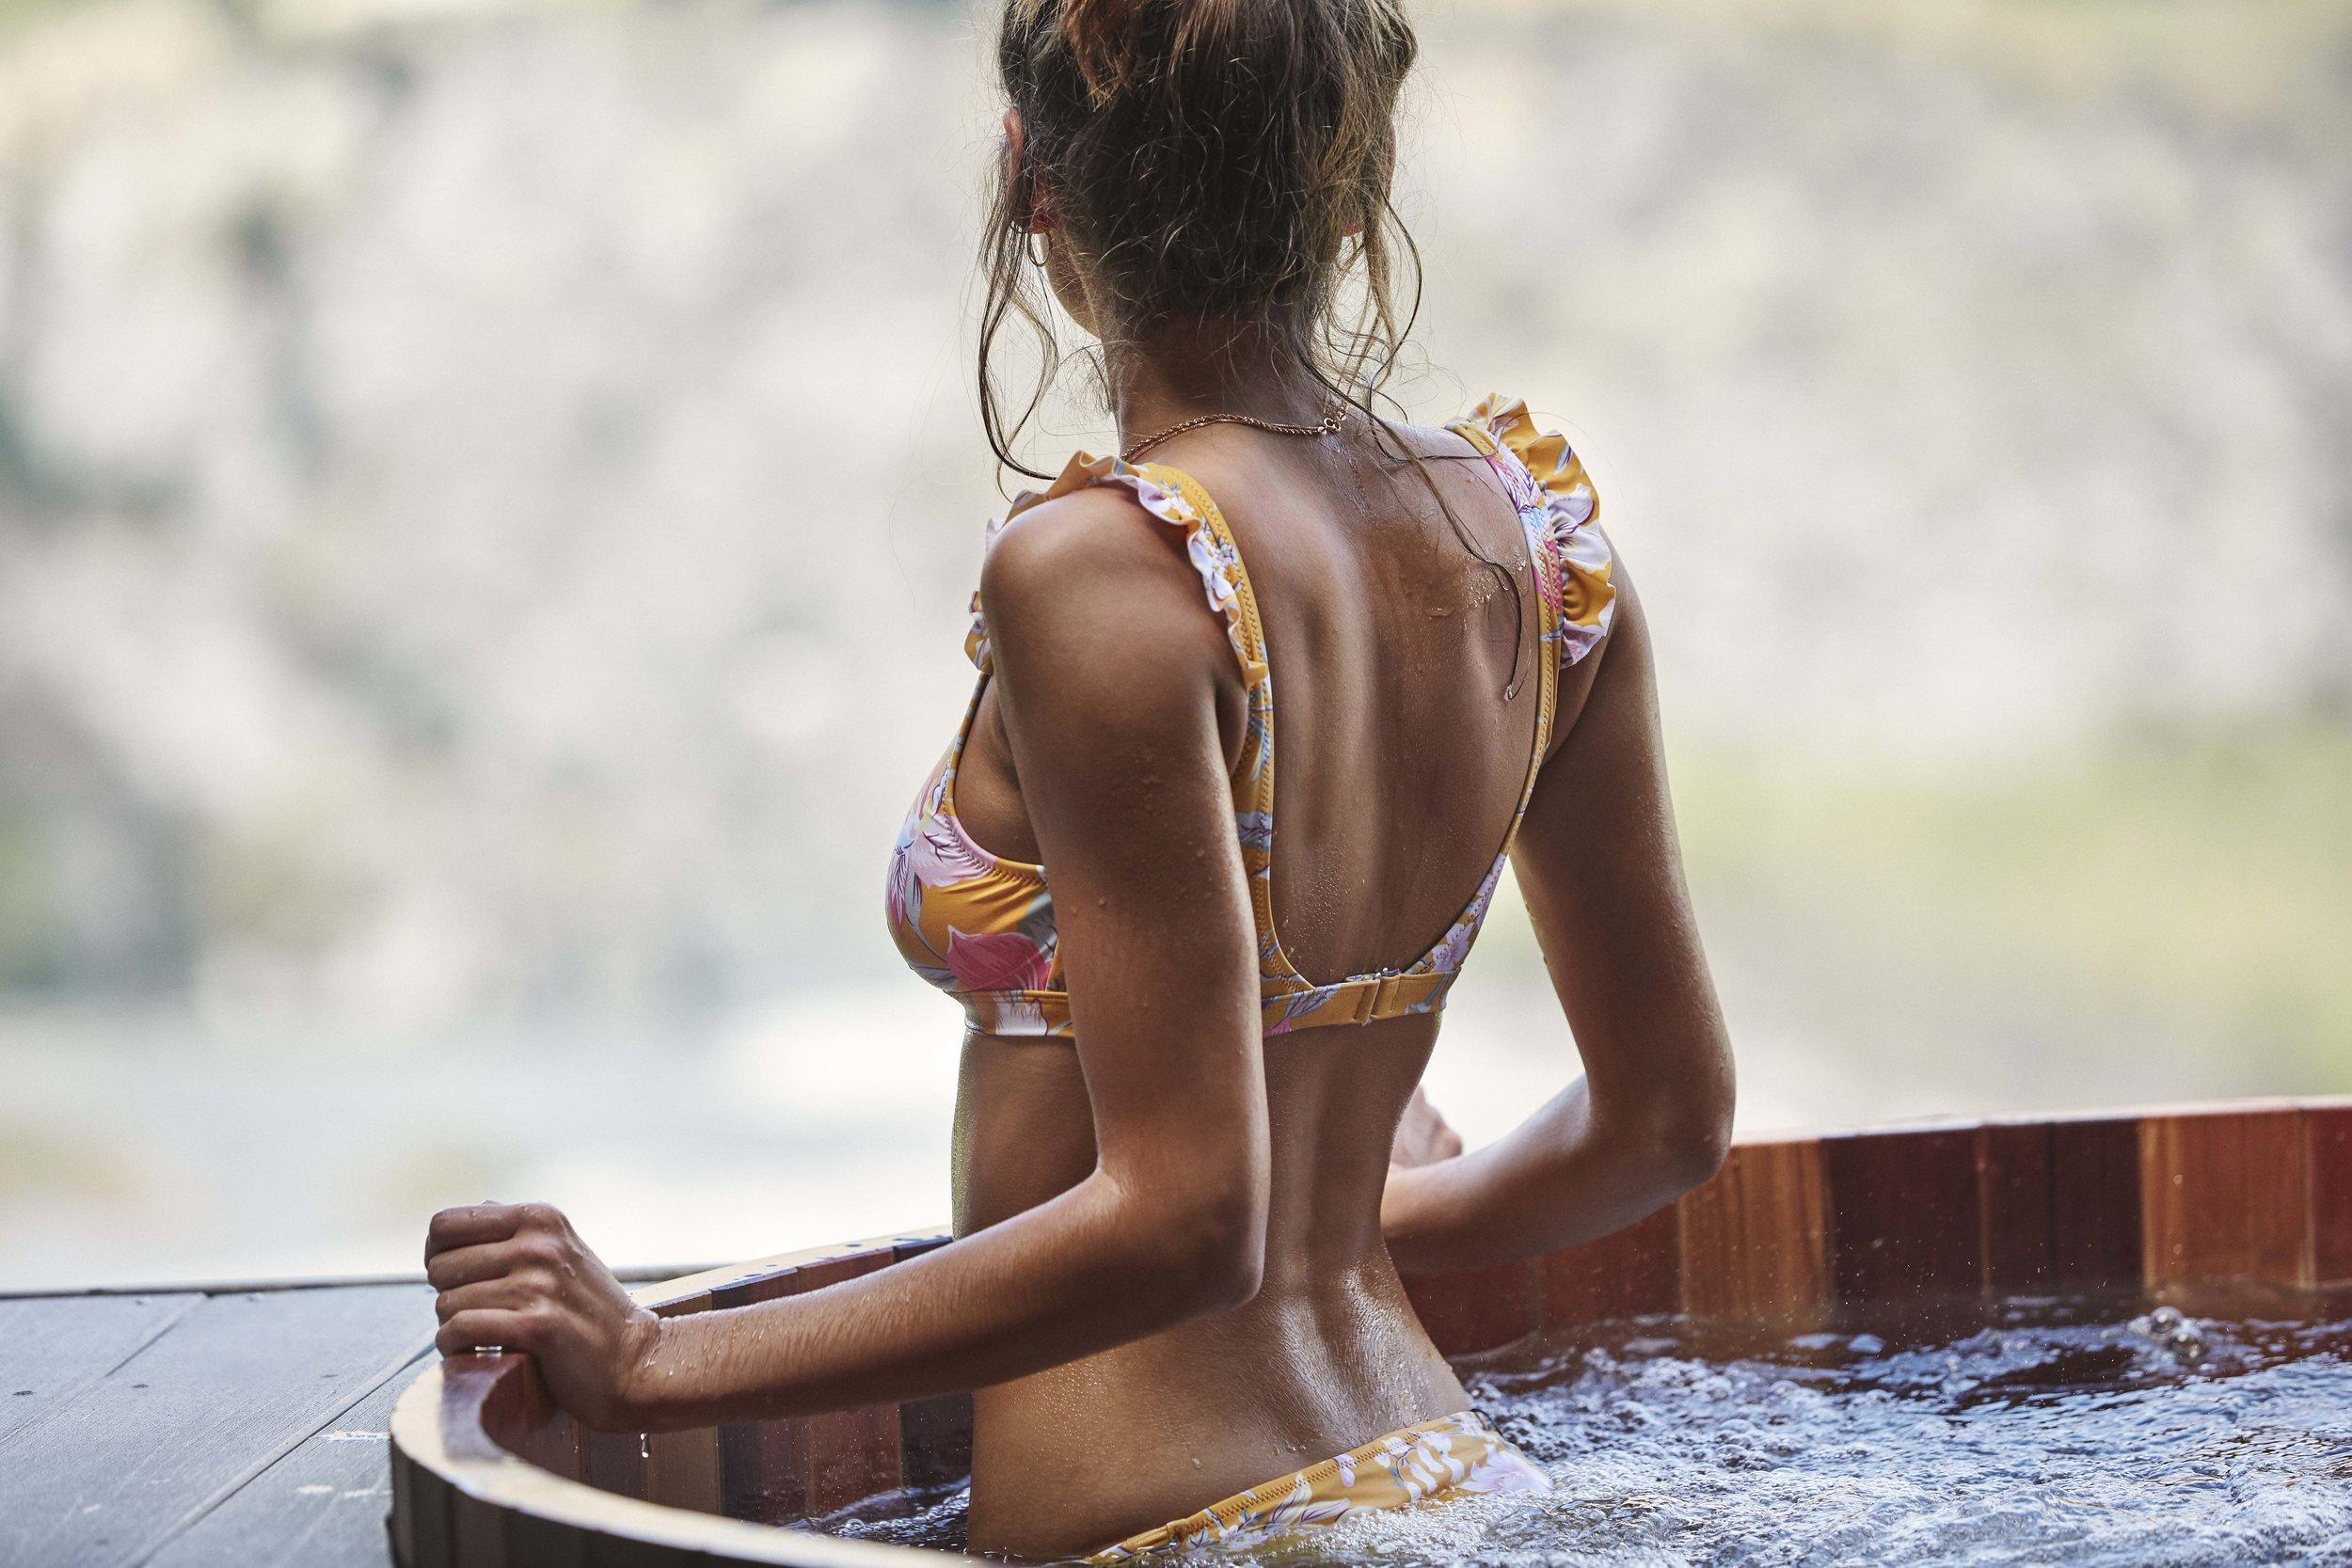 Aruba Scoop Top and Tropic Pant 7.jpg